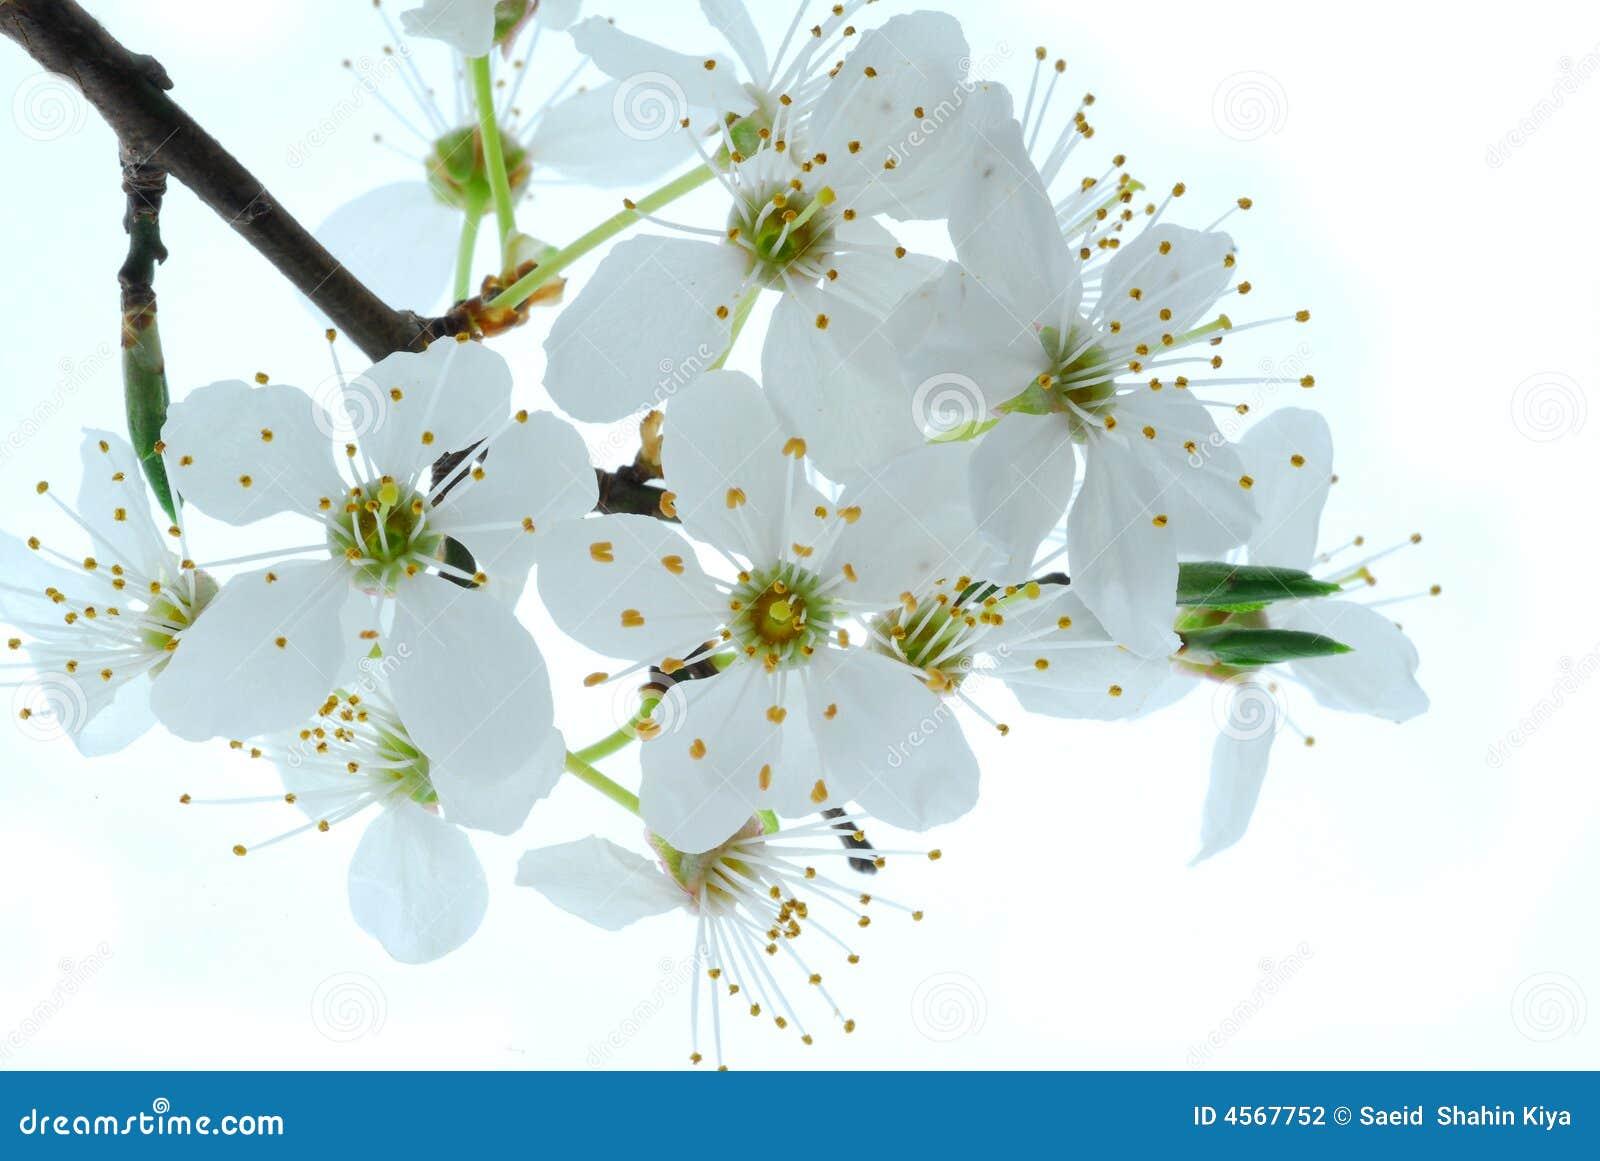 fleurs de printemps sur l 39 arbre photo stock image du fleurs flore 4567752. Black Bedroom Furniture Sets. Home Design Ideas